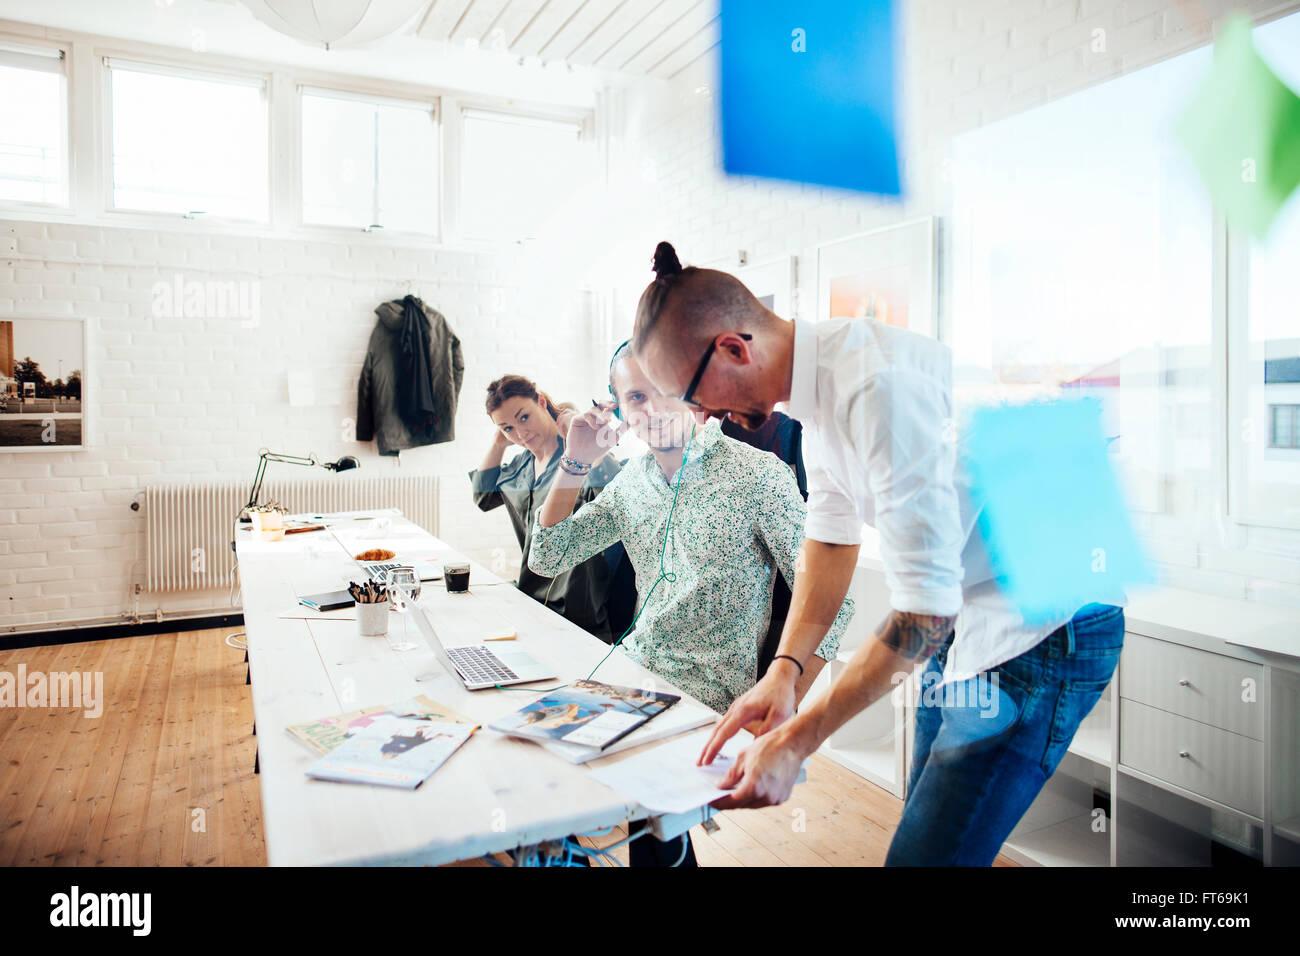 Equipo de personas trabajando en la mesa en la oficina creativa Imagen De Stock